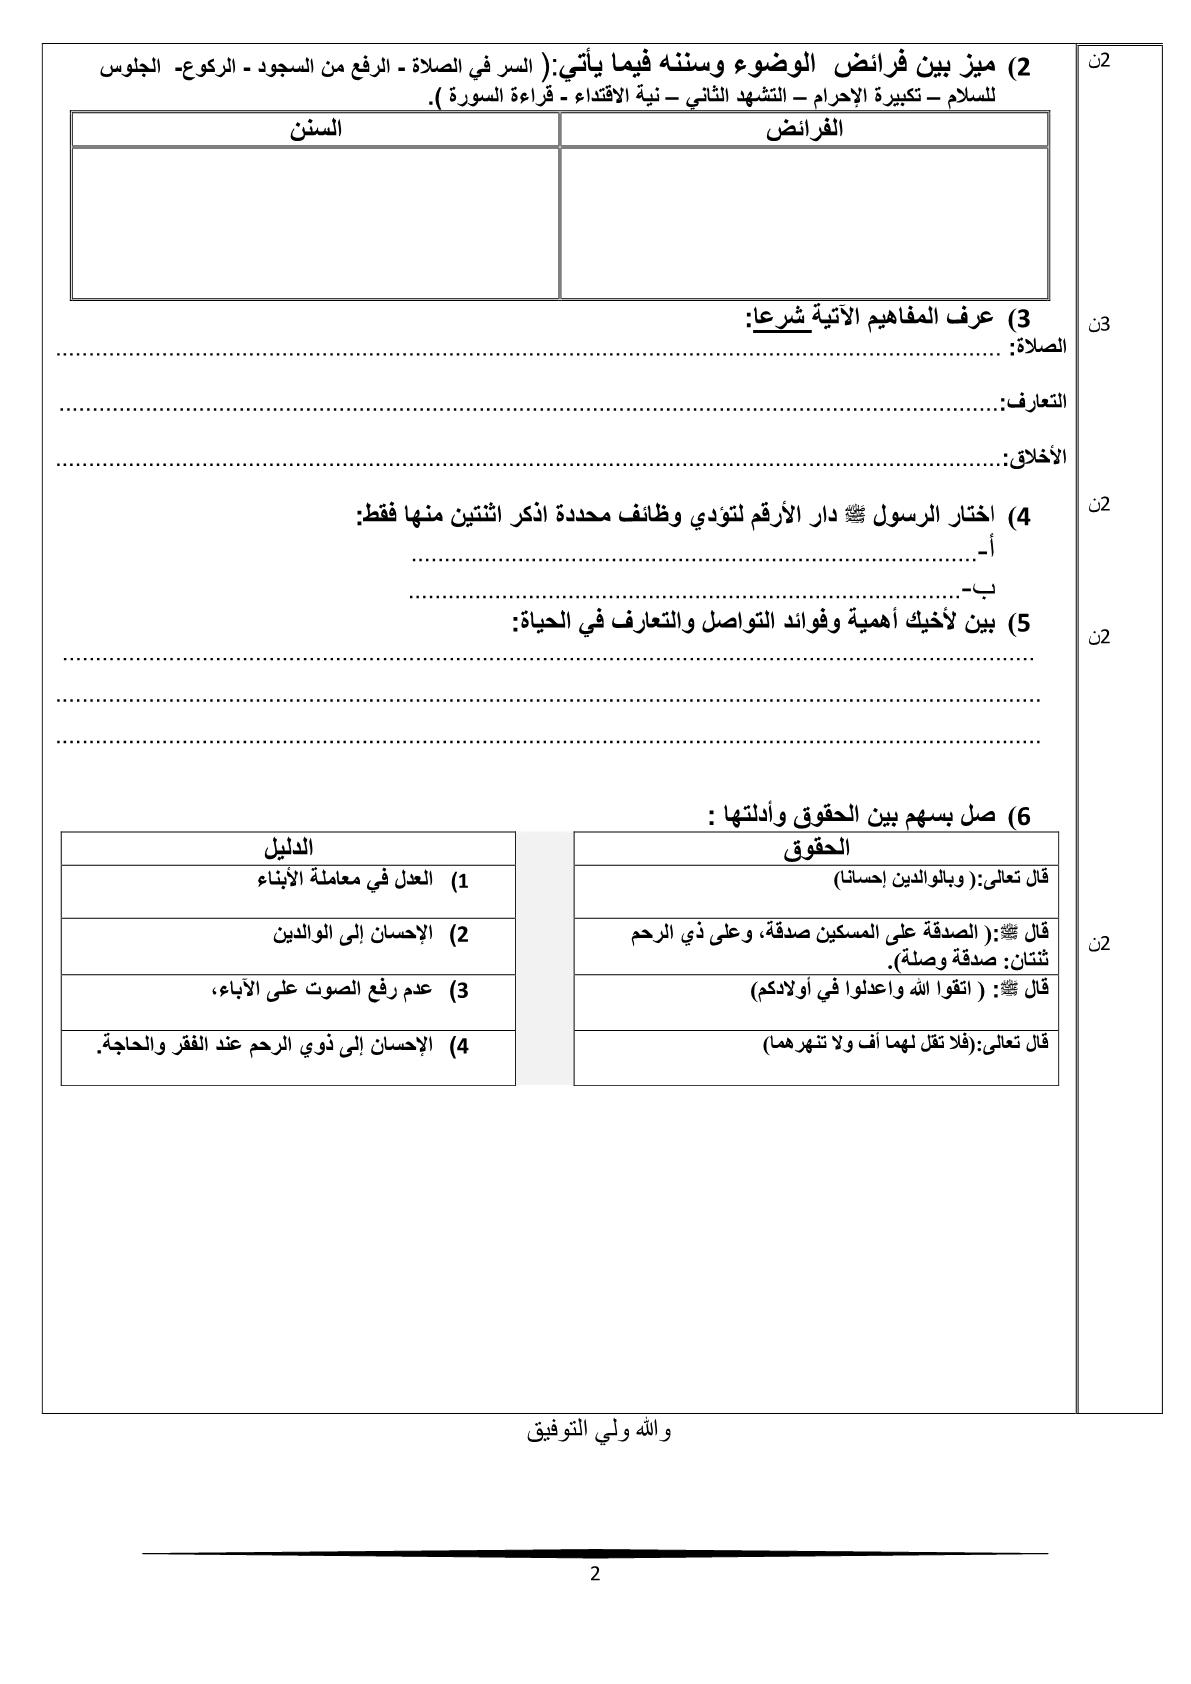 الفرض الثالث في مادة التربية الإسلامية الدورة الثانية للسنة الأولى إعدادي